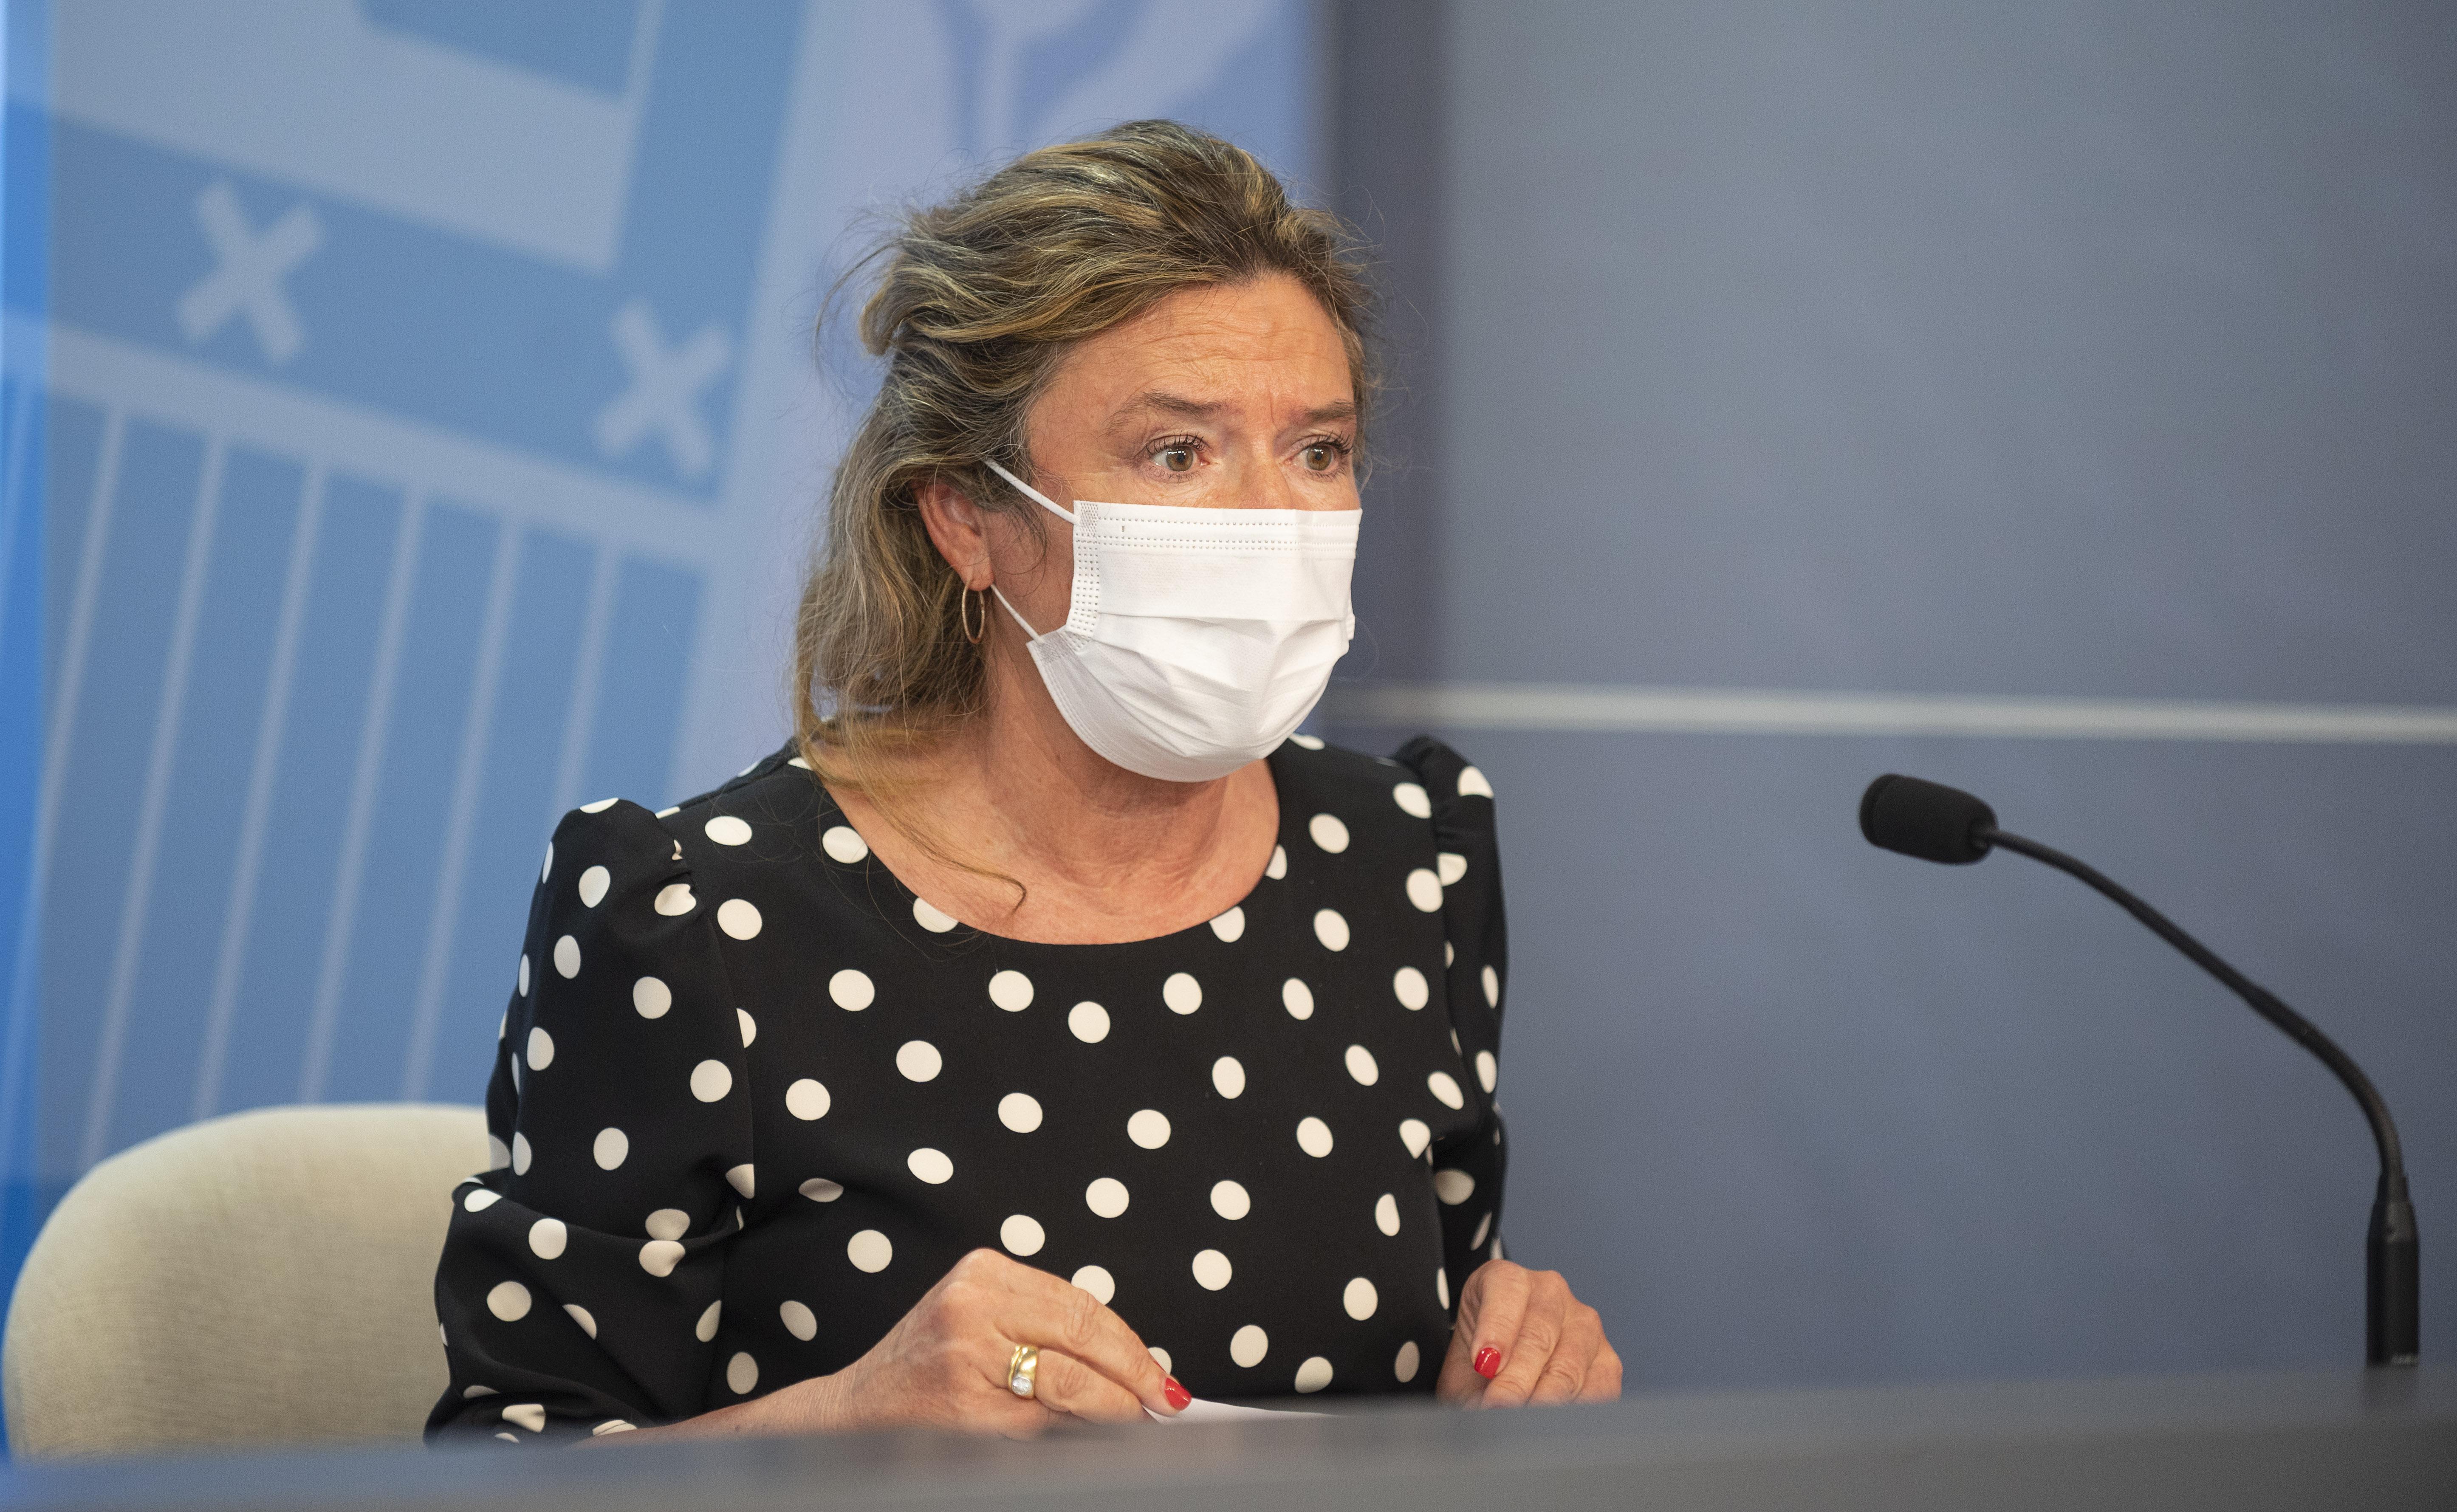 Más de 100.000 personas han recibido la segunda dosis en Euskadi [31:25]